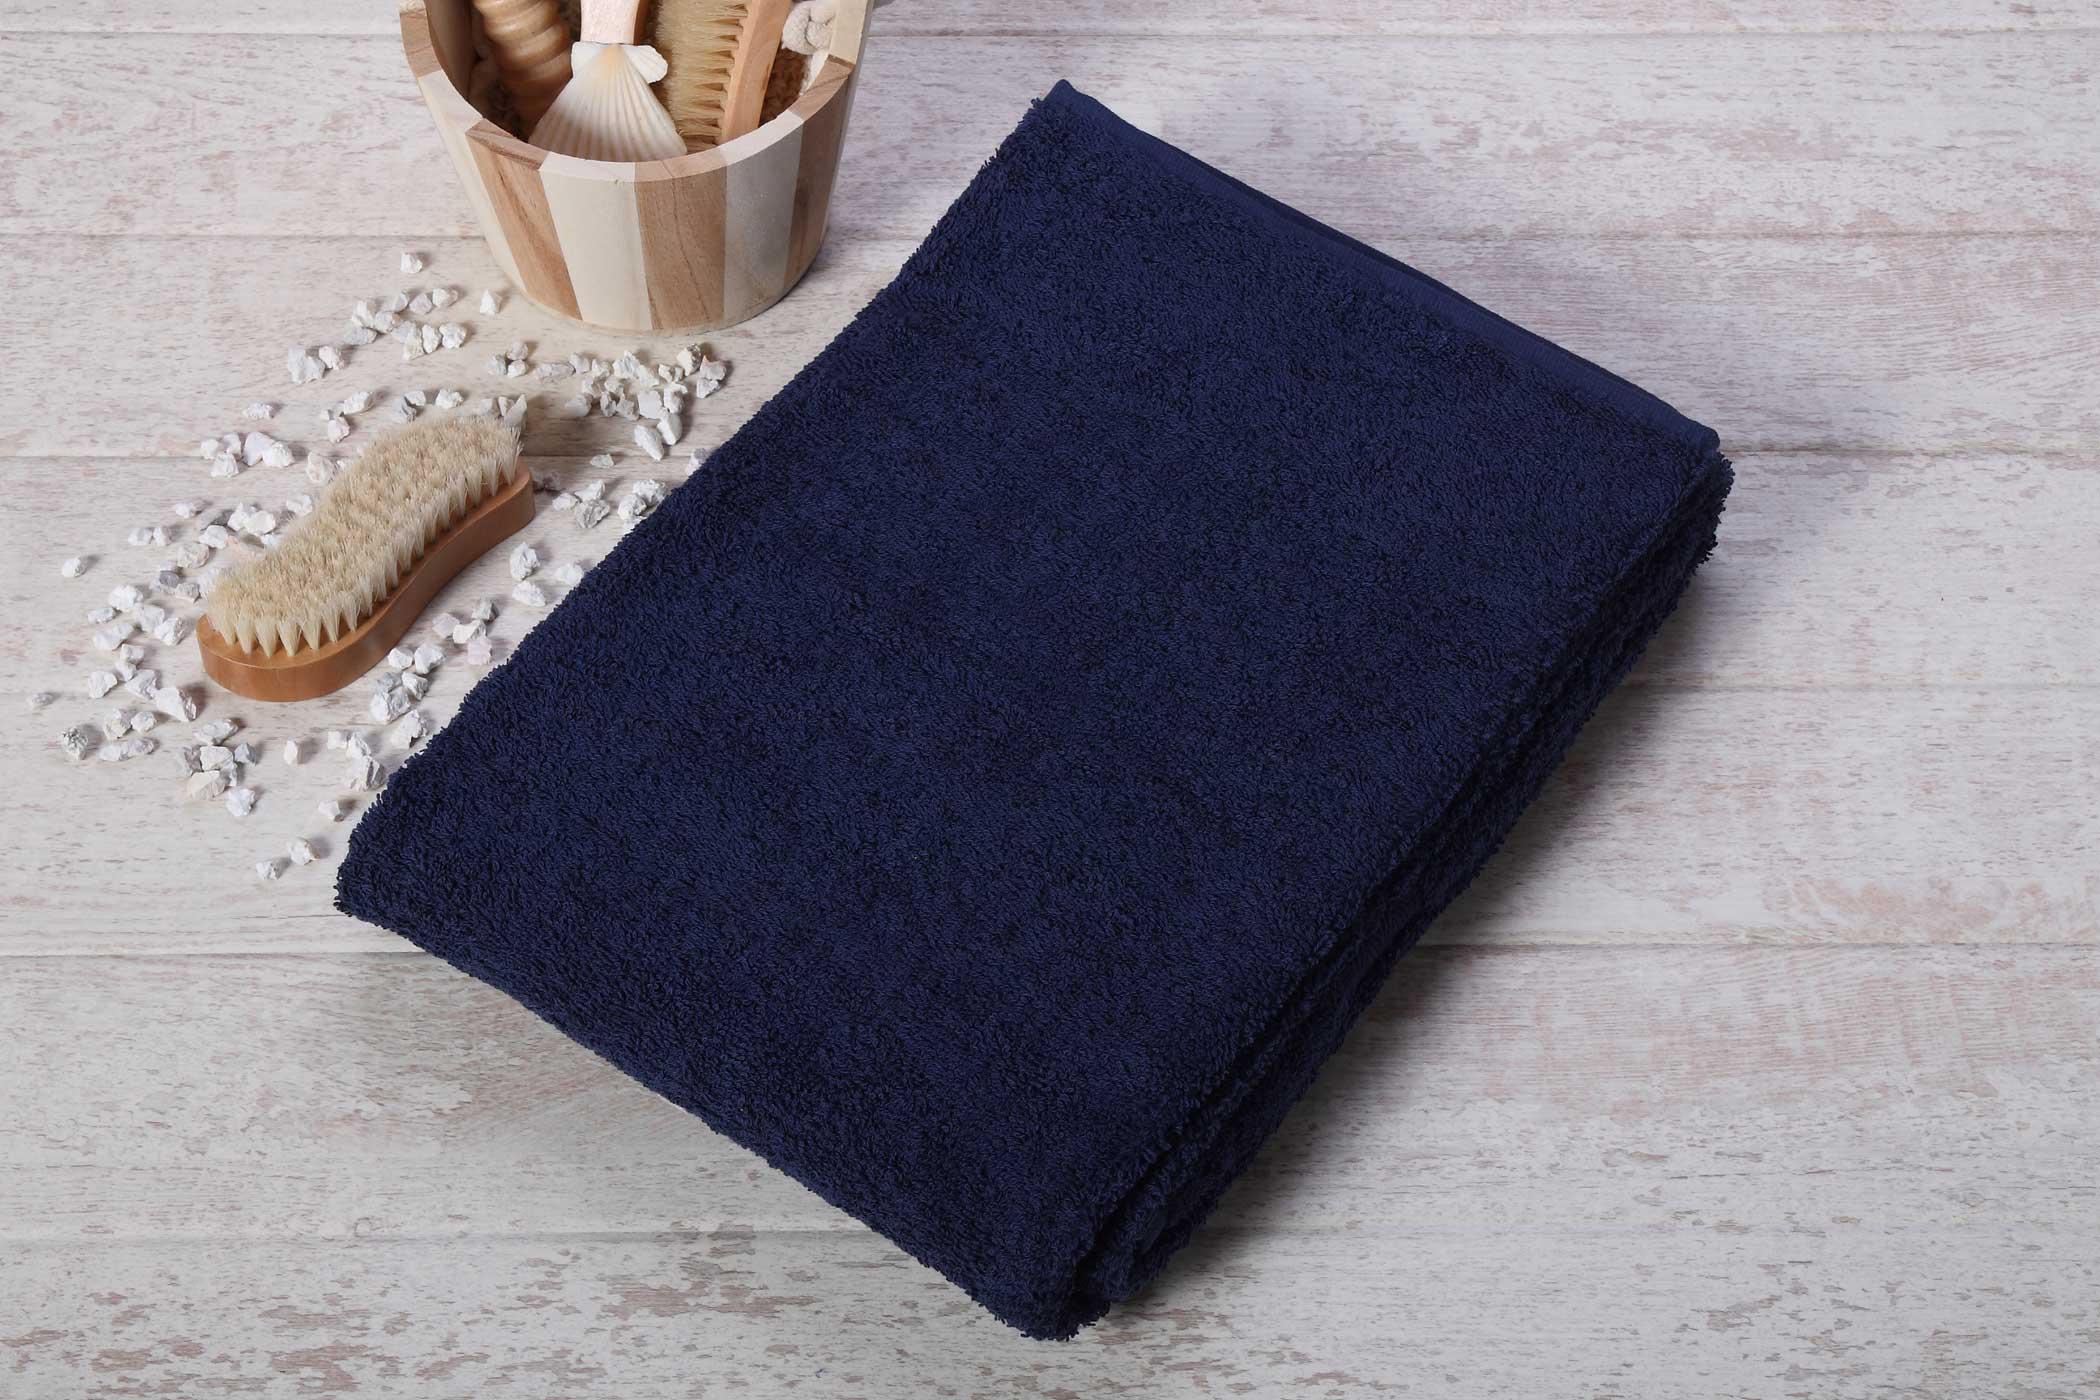 Handtuchserie-Karibik-450g-m-vieleFarben-Handtuch-Serie-Duschtuch-Saunalaken